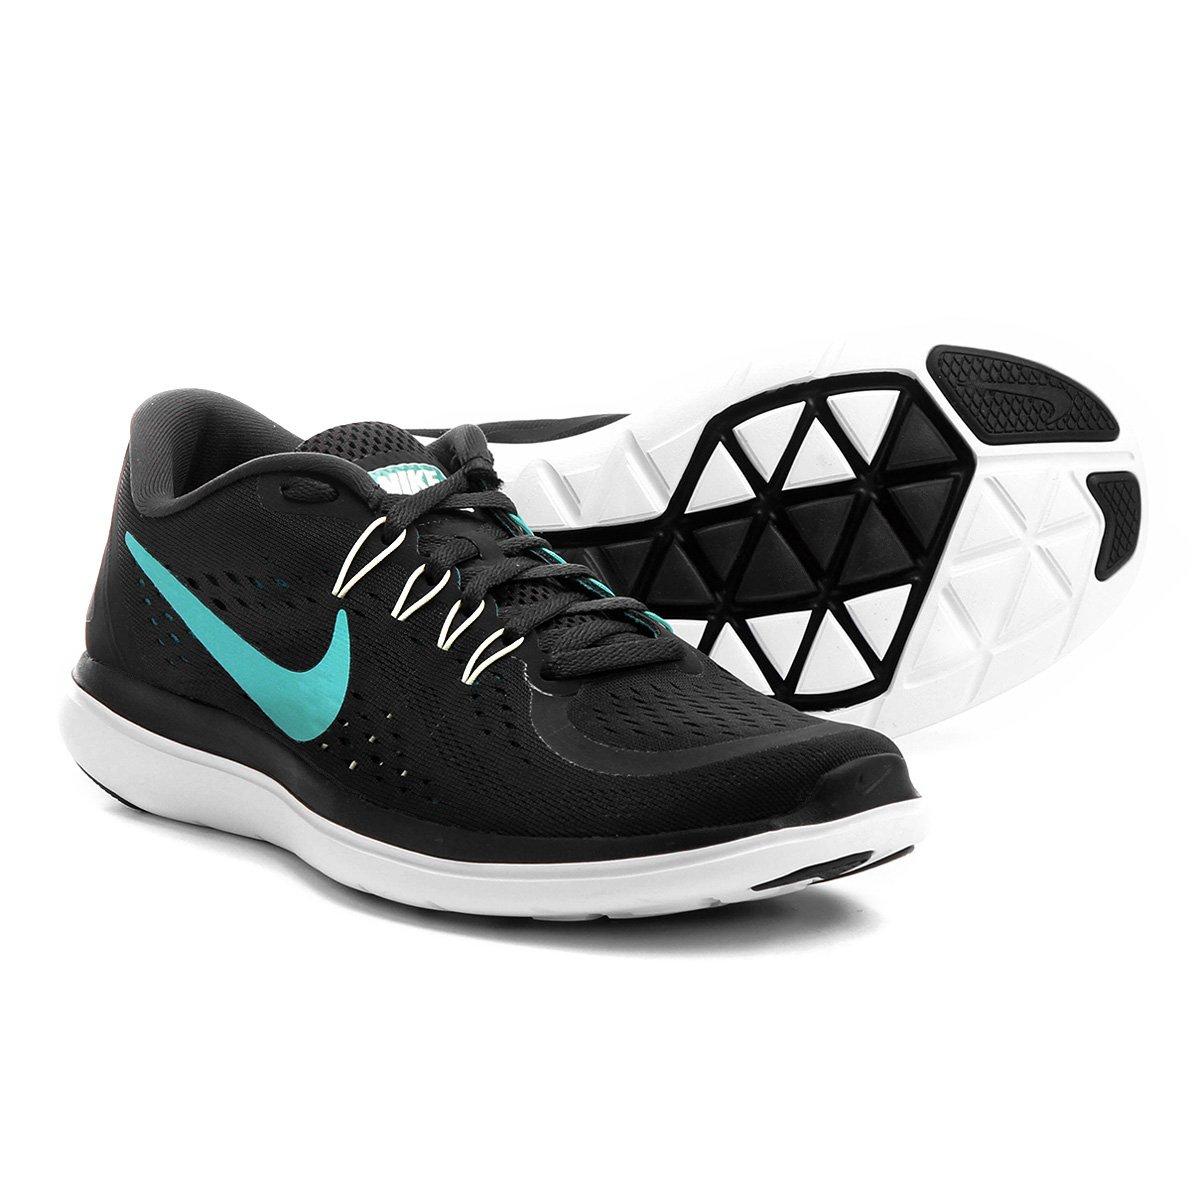 Tênis Nike Flex Run Masculino - Preto e Verde Água - Compre Agora ... 73642558235